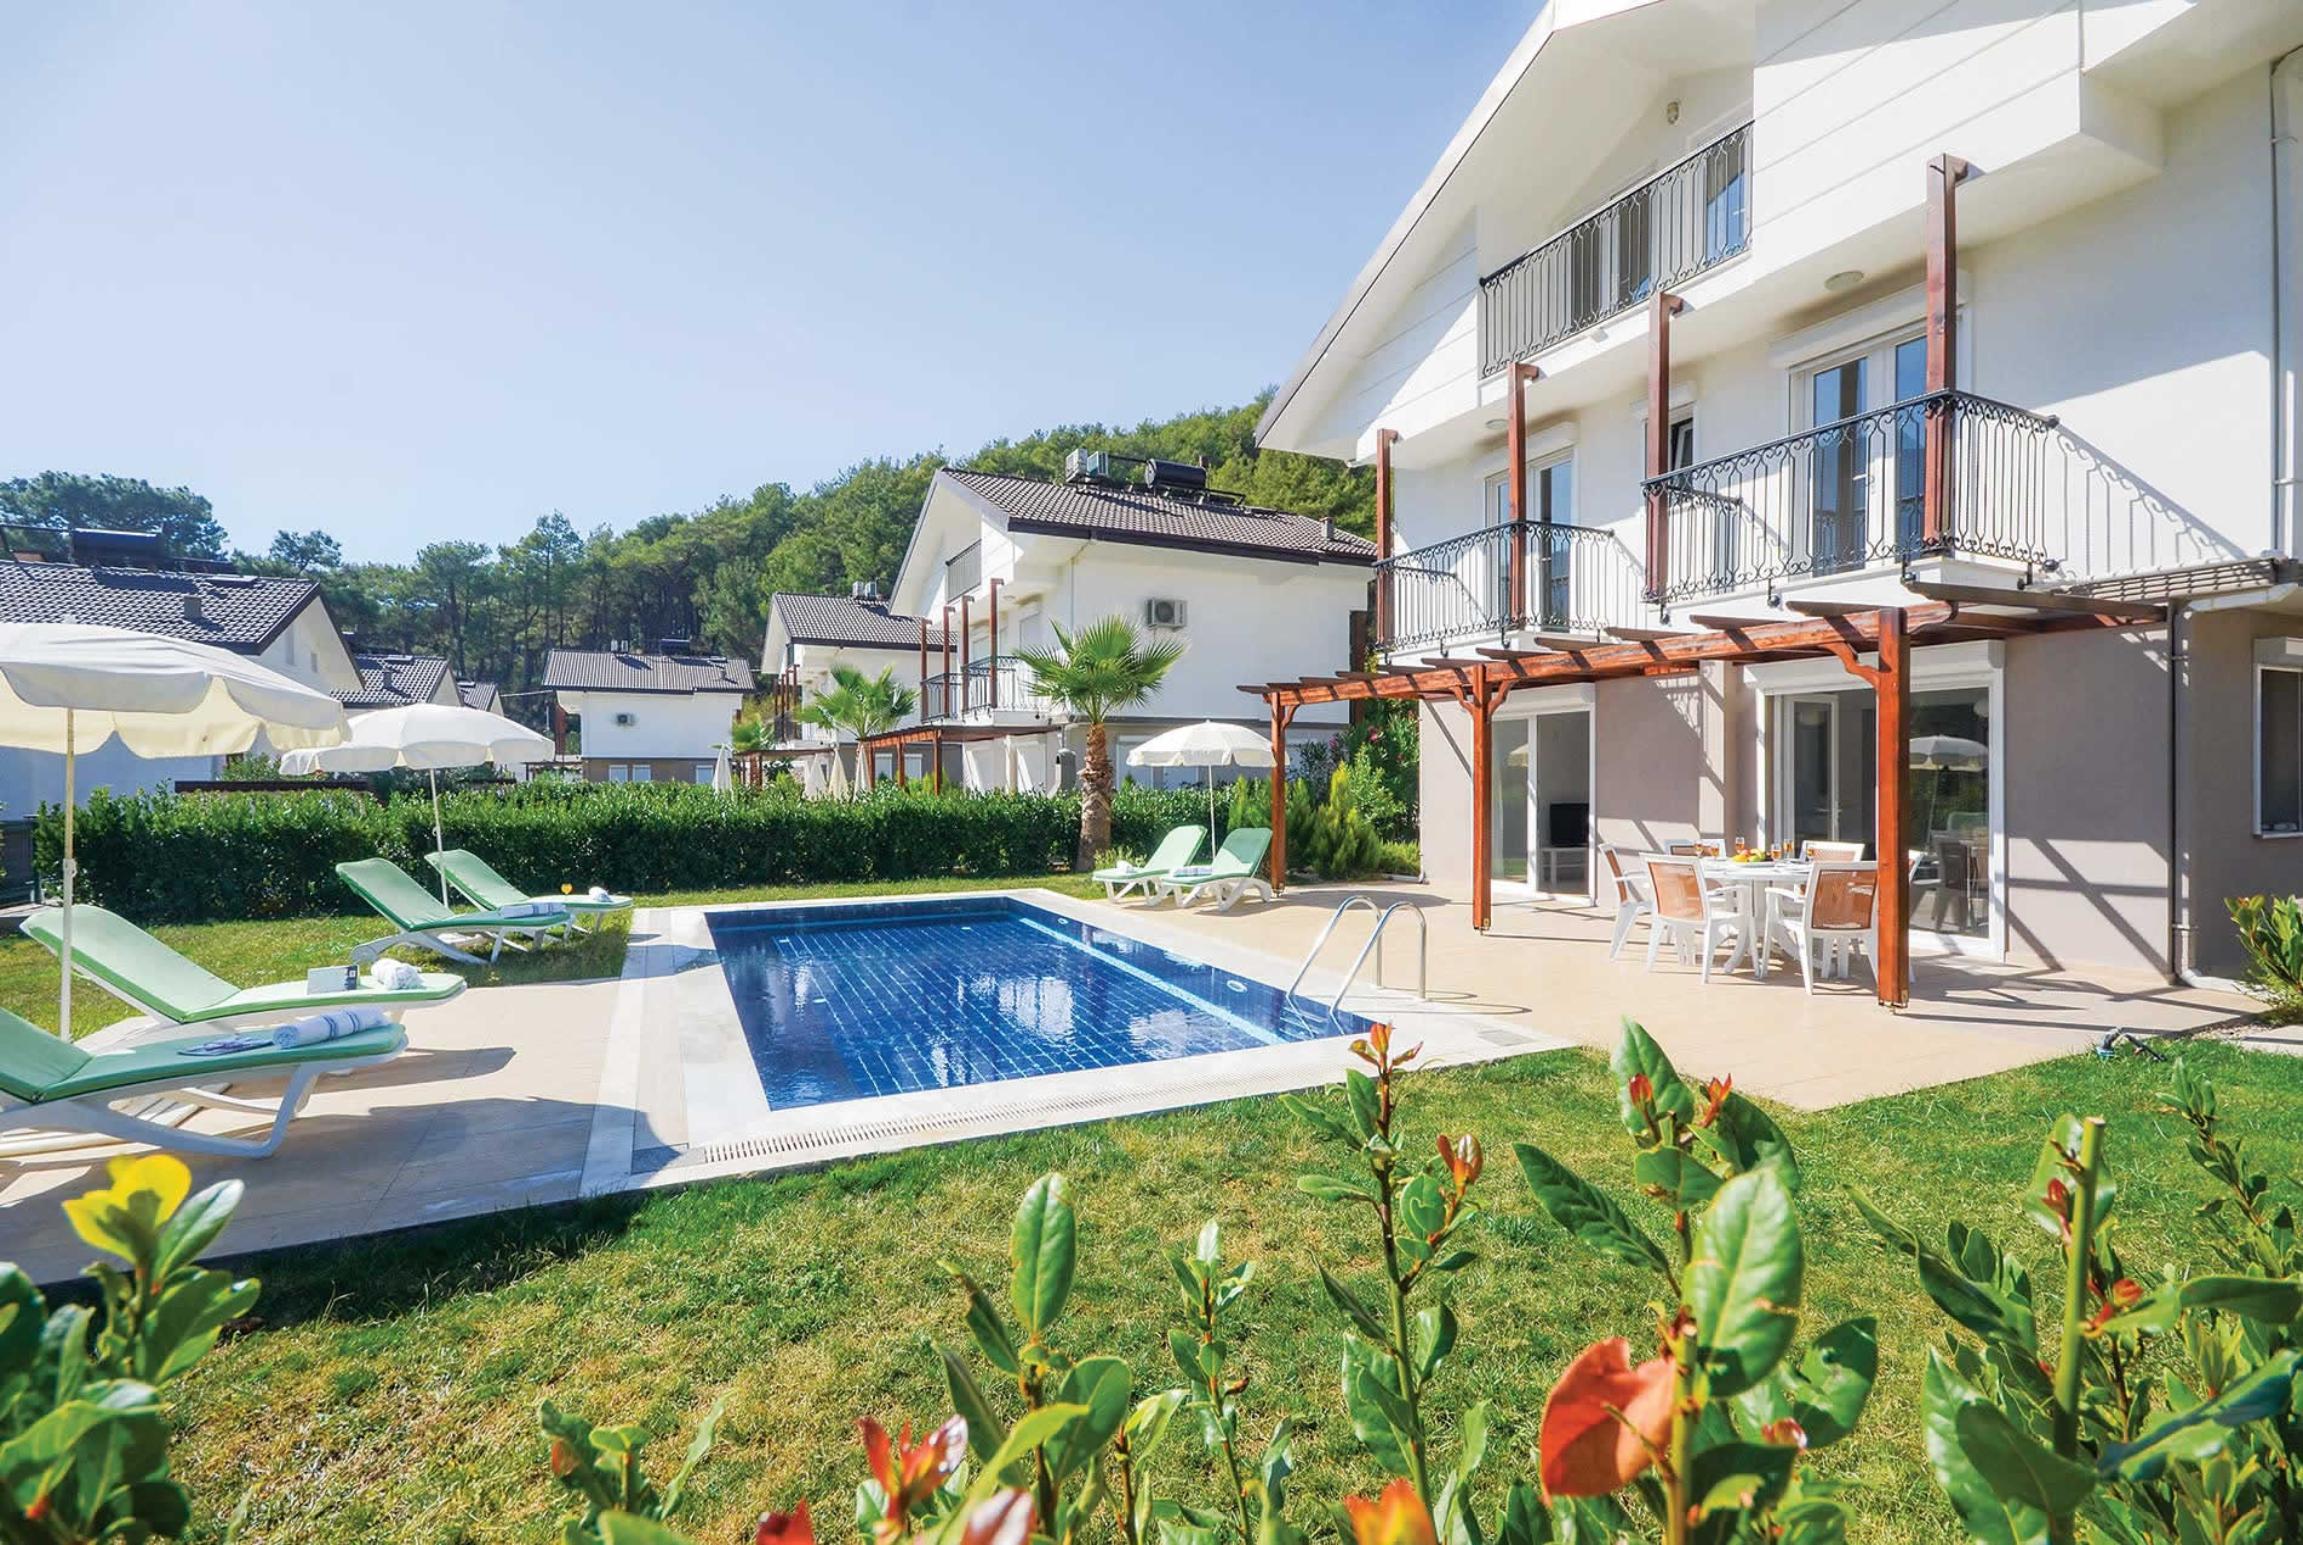 Maison de vacances Fidan (2649920), Ölüdeniz, , Région Egéenne, Turquie, image 11